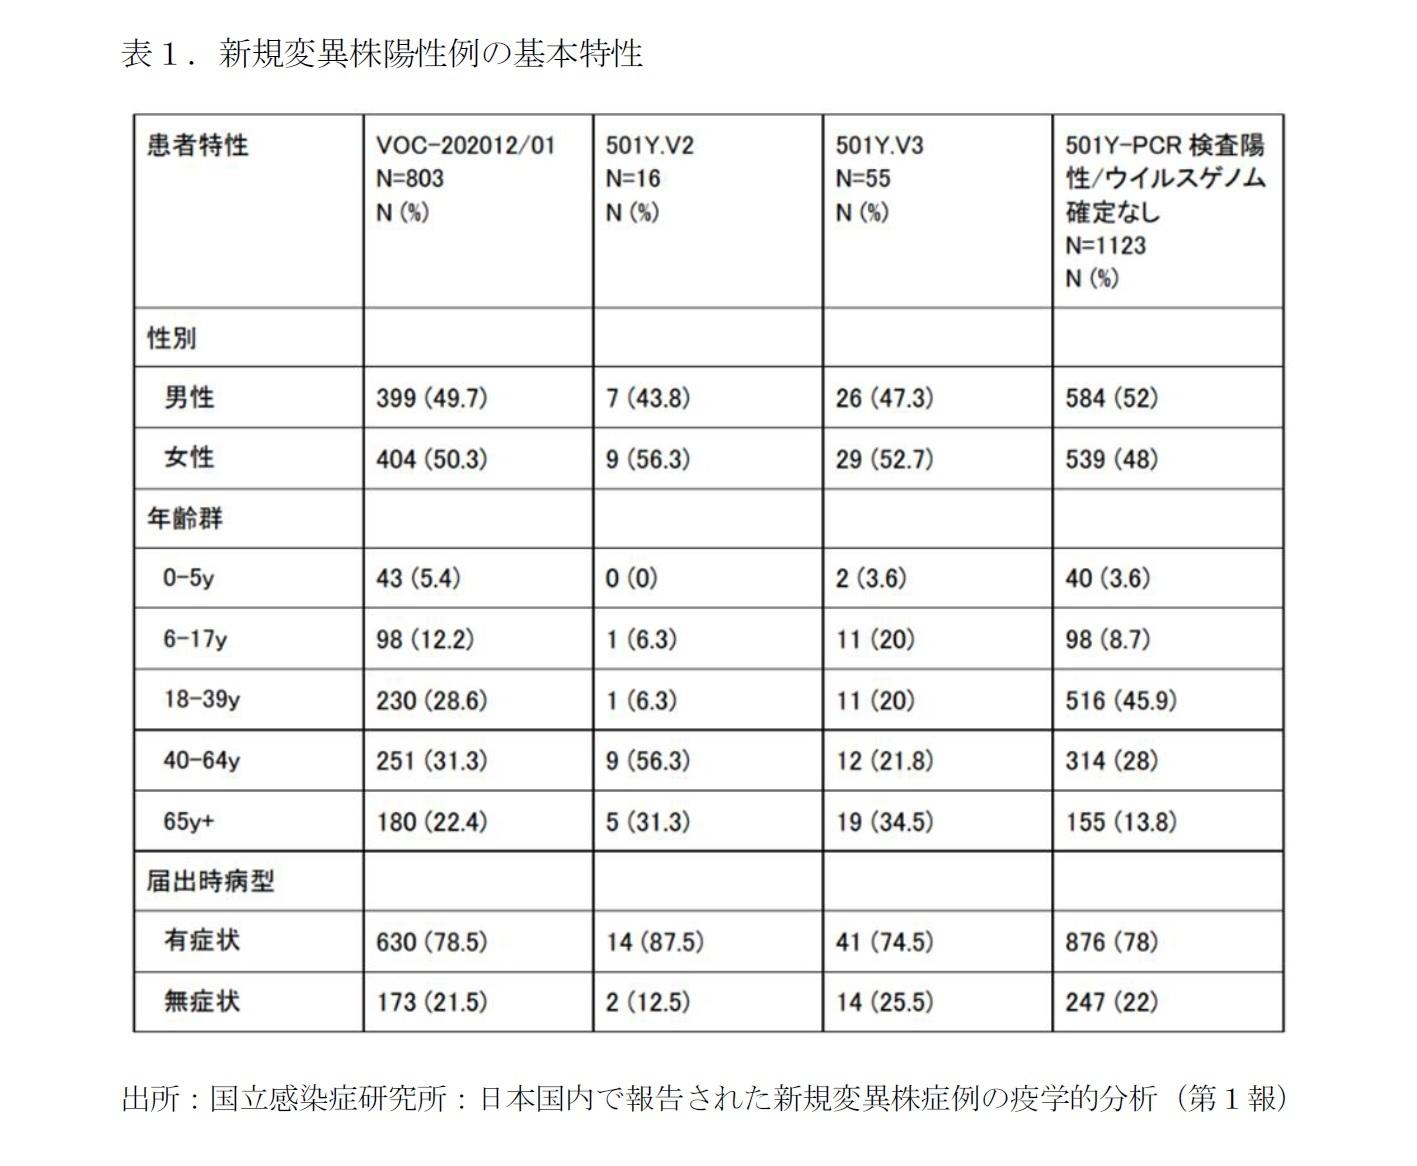 表1.新規変異株陽性例の基本特性